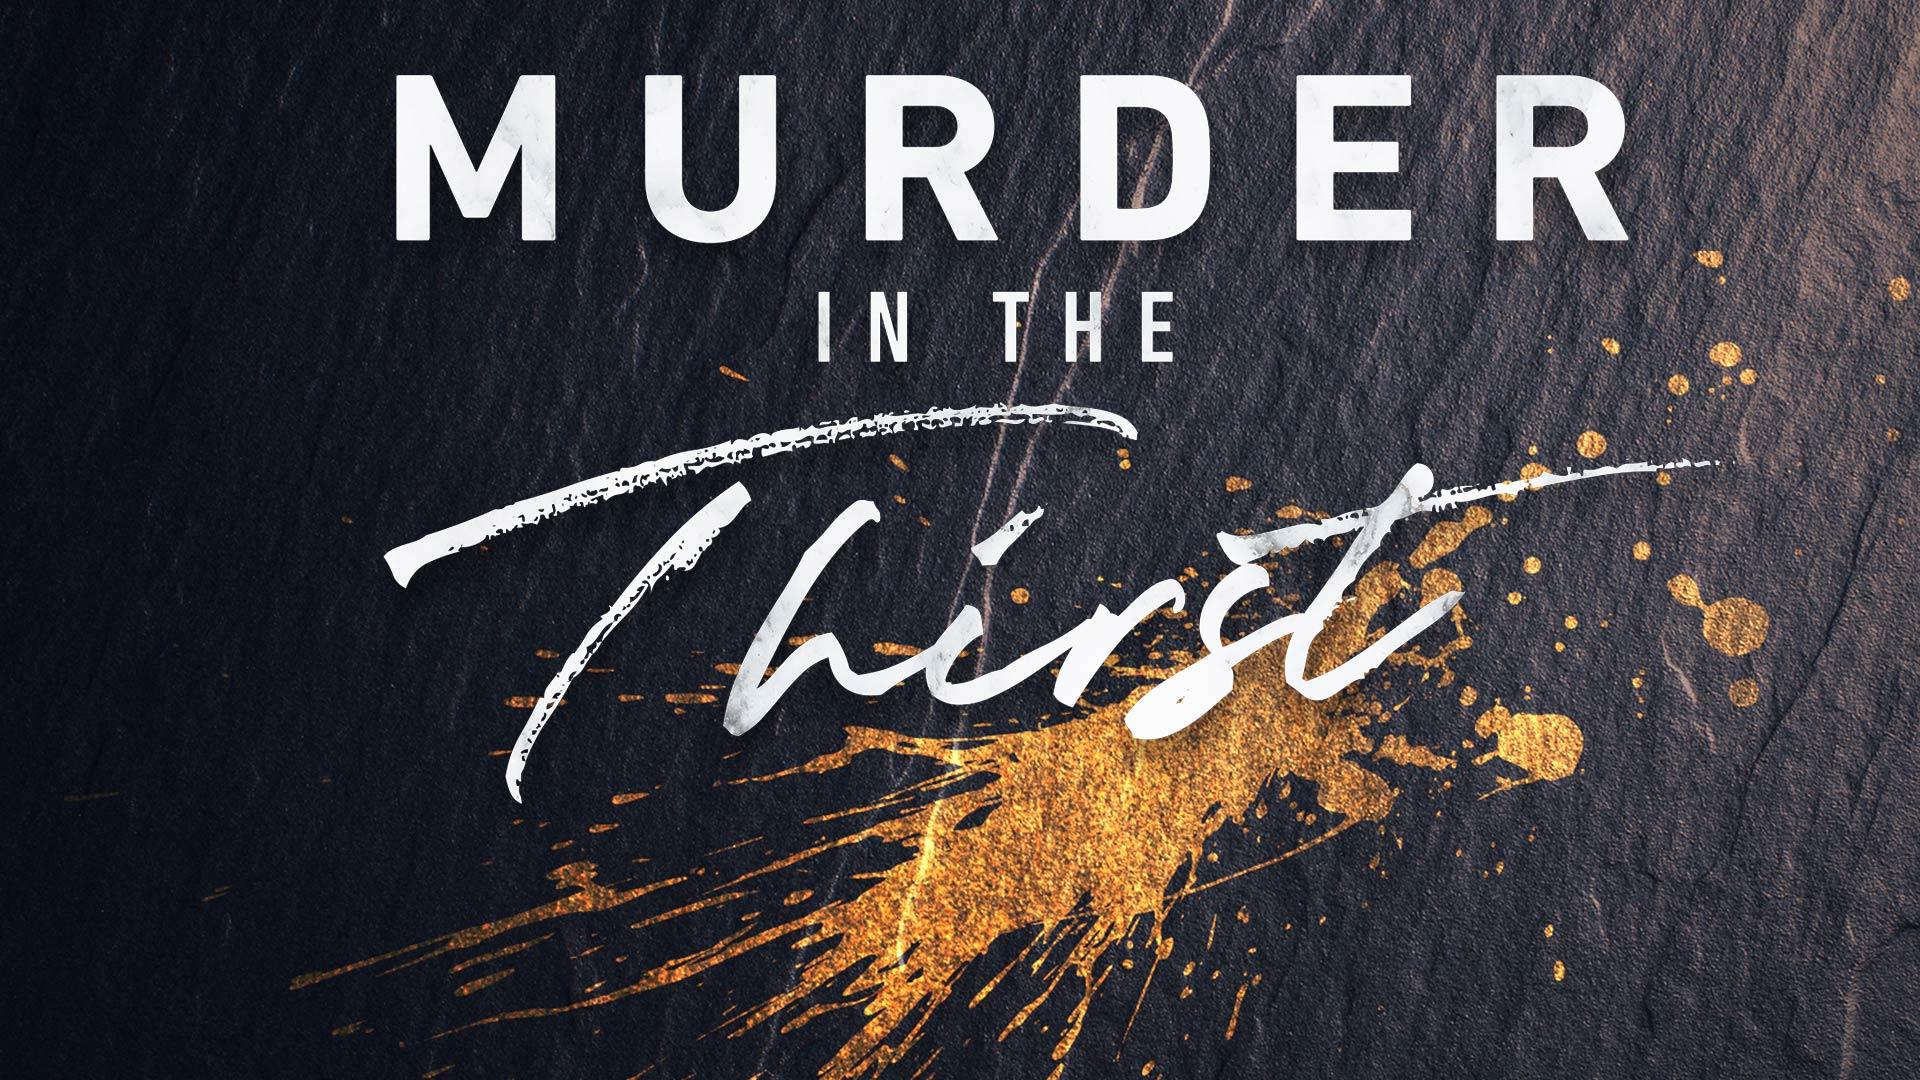 Murder In The Thirst Season 1